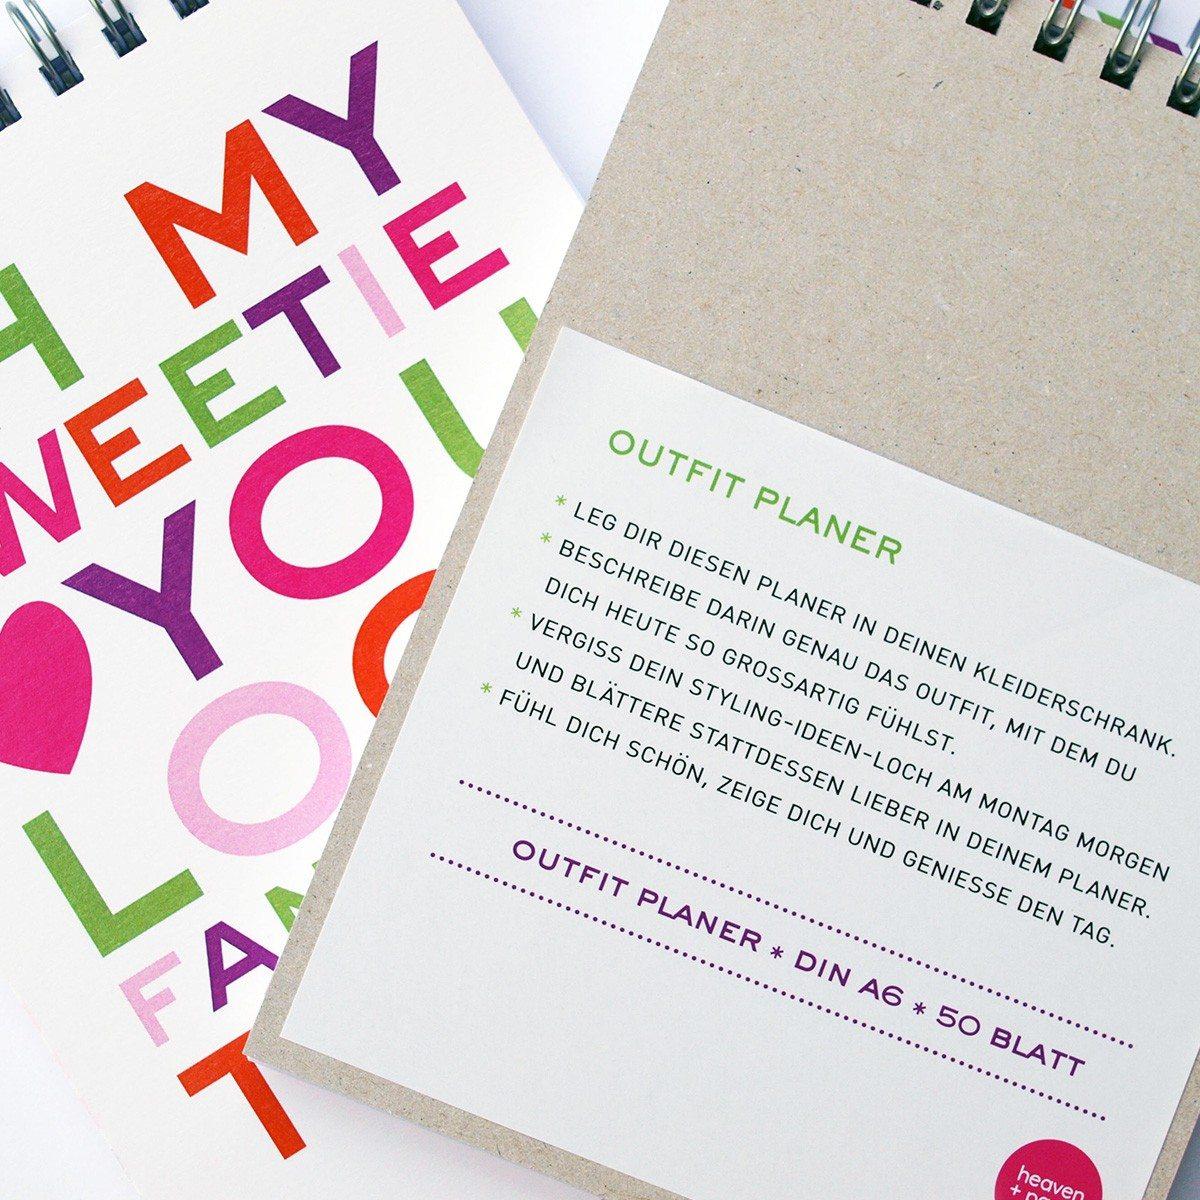 Plan je outfit - speciaal voor modebewuste mensen